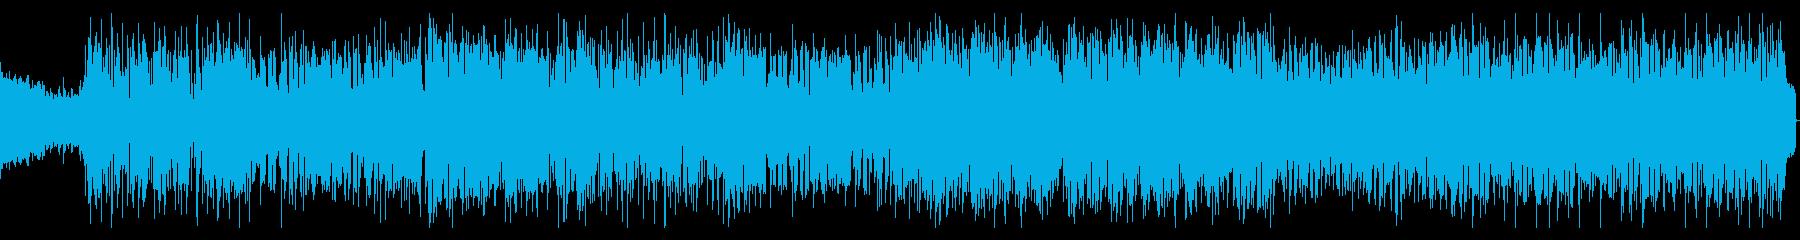 シンセを強調したエレクトロポップサウンドの再生済みの波形